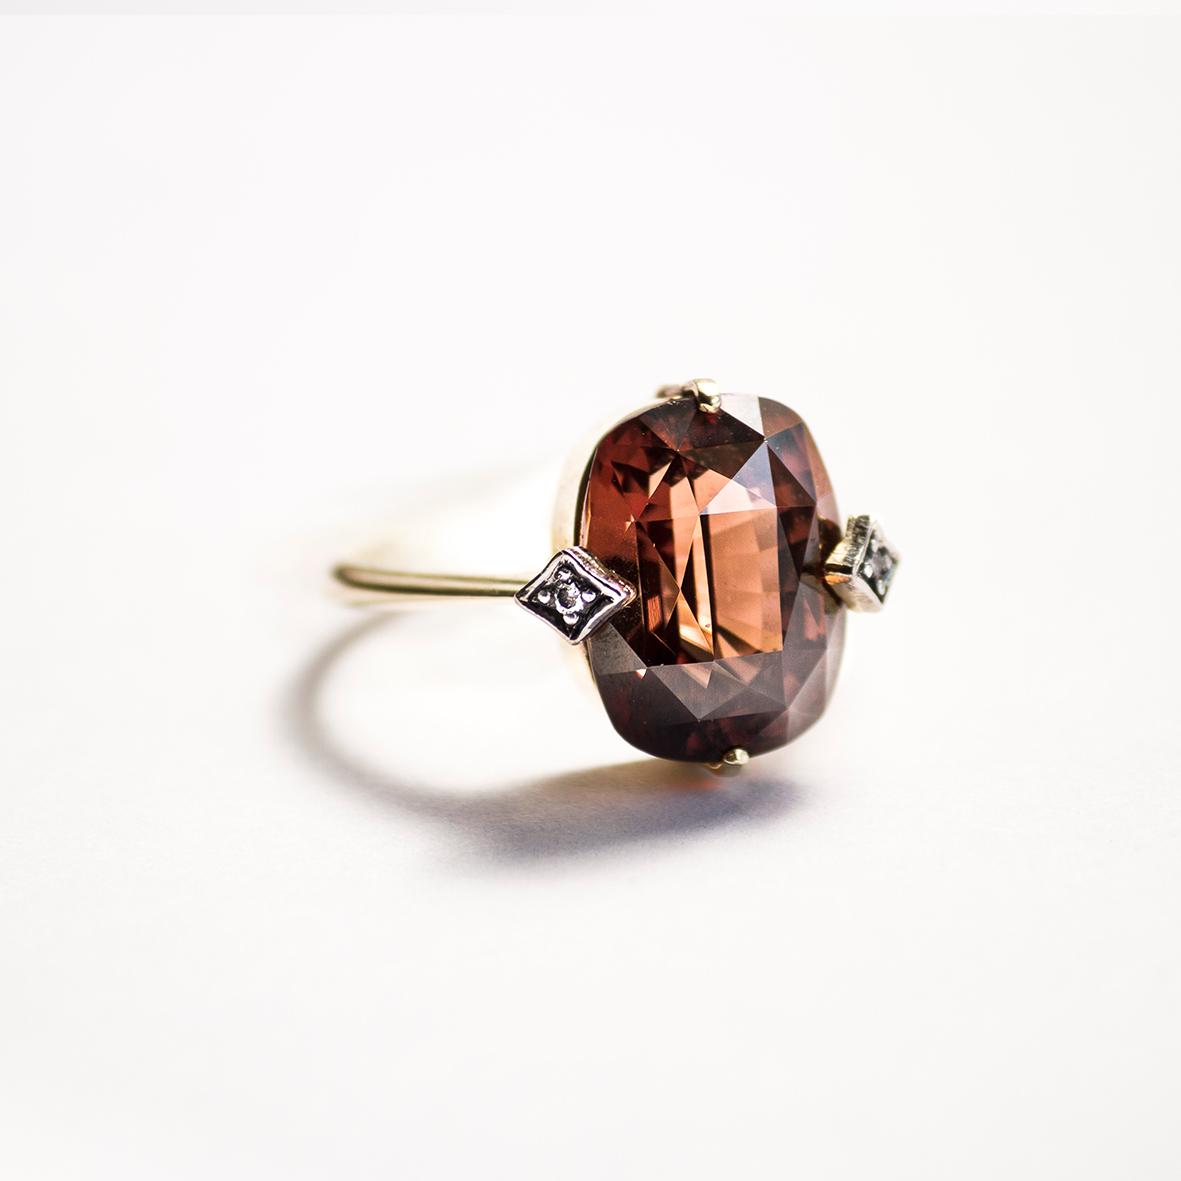 3. OONA_gems of ceylon_ficha1_red-brown zircon ring